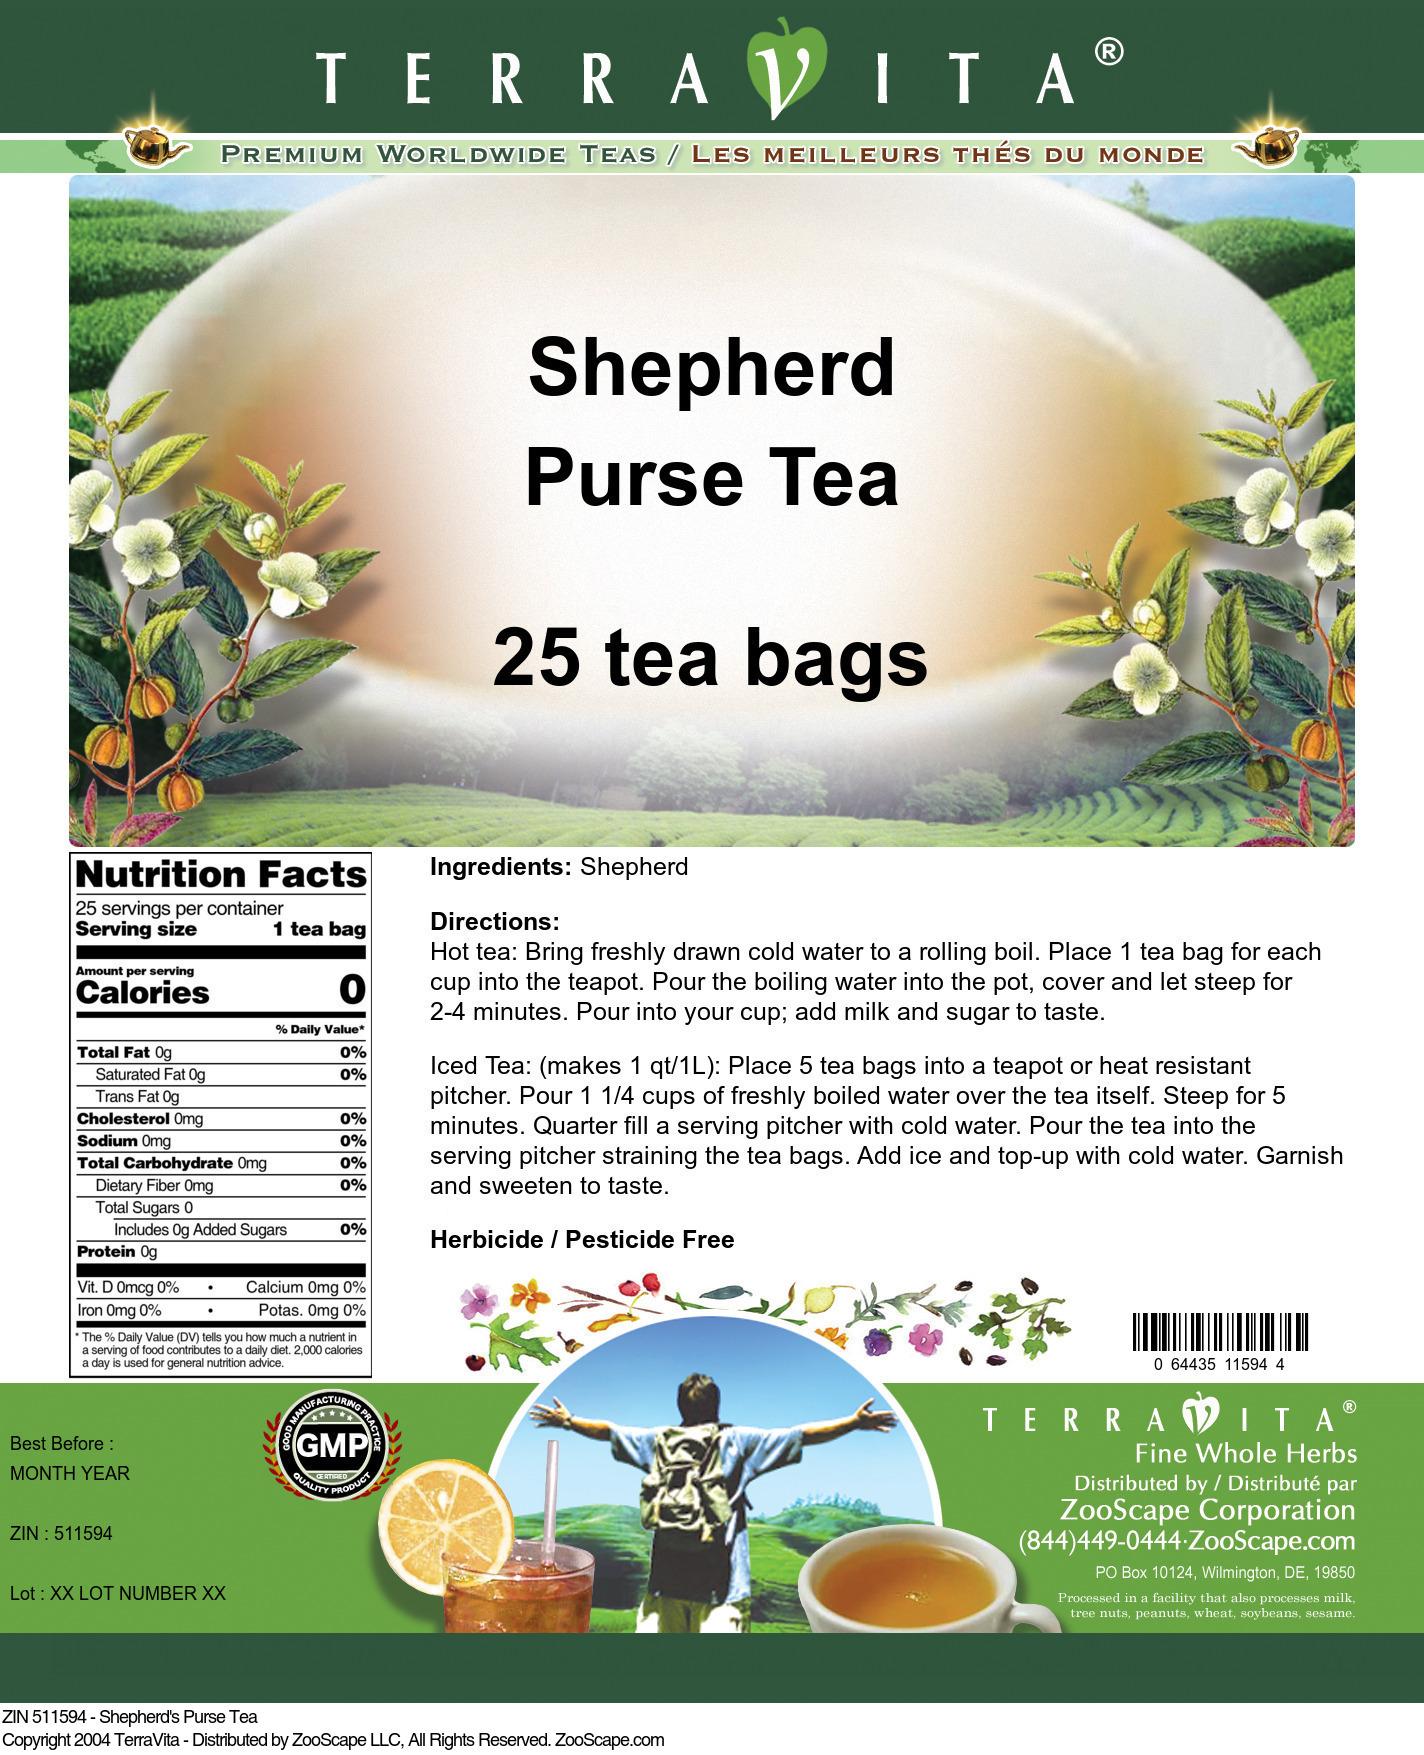 Shepherd's Purse Tea